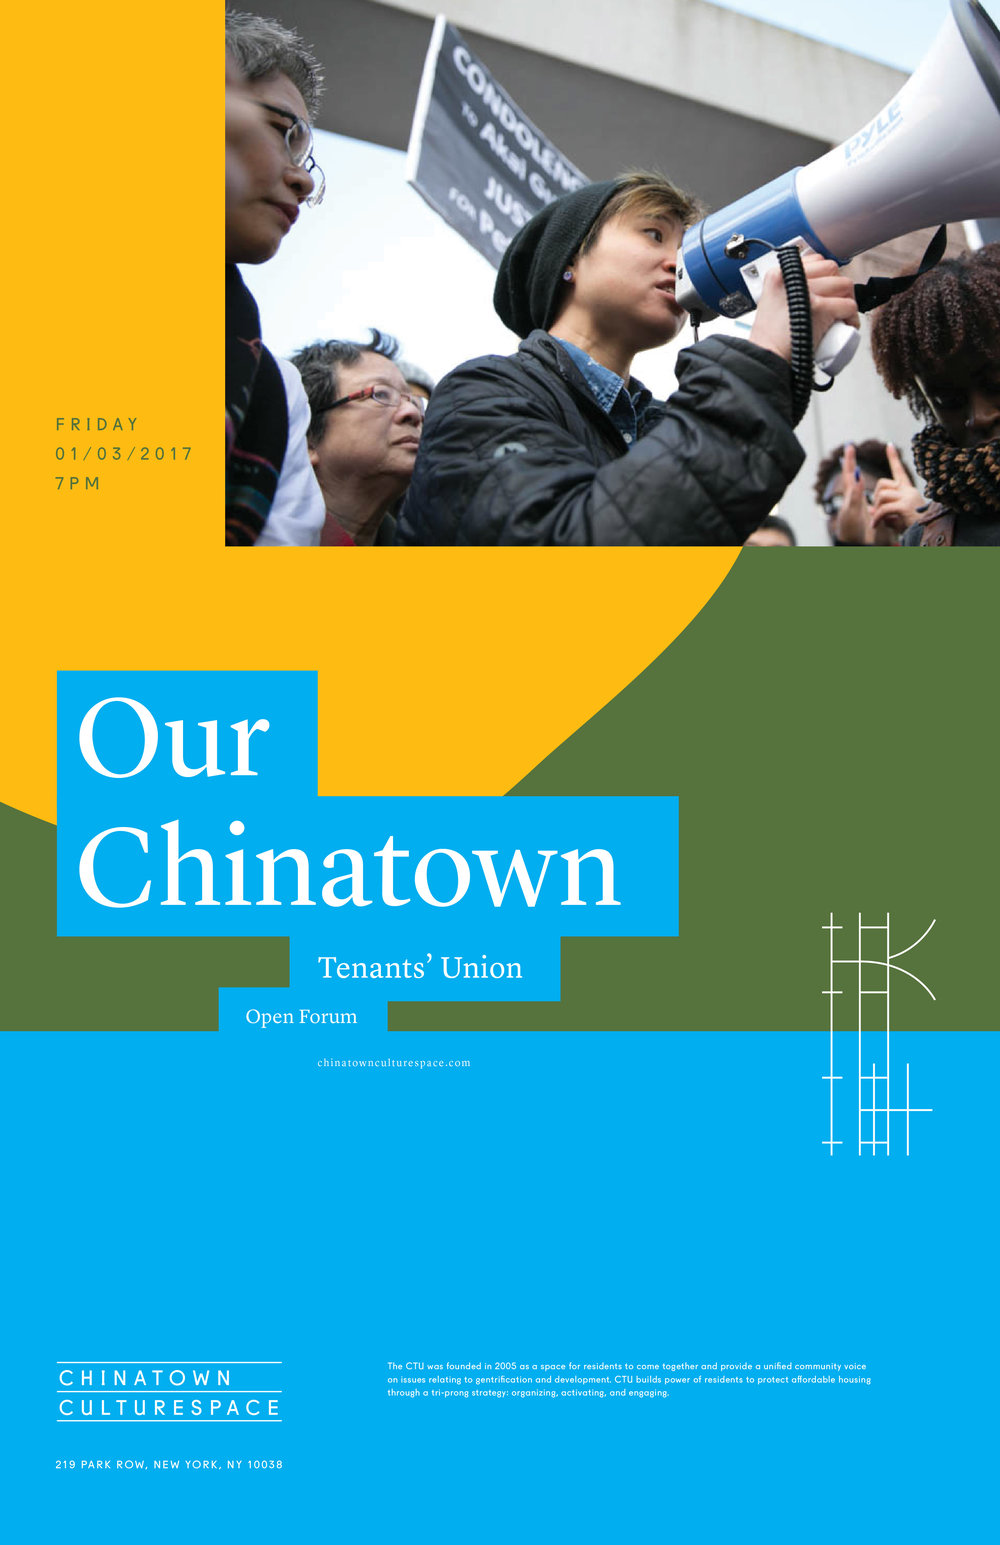 chinatown_poster1.jpg